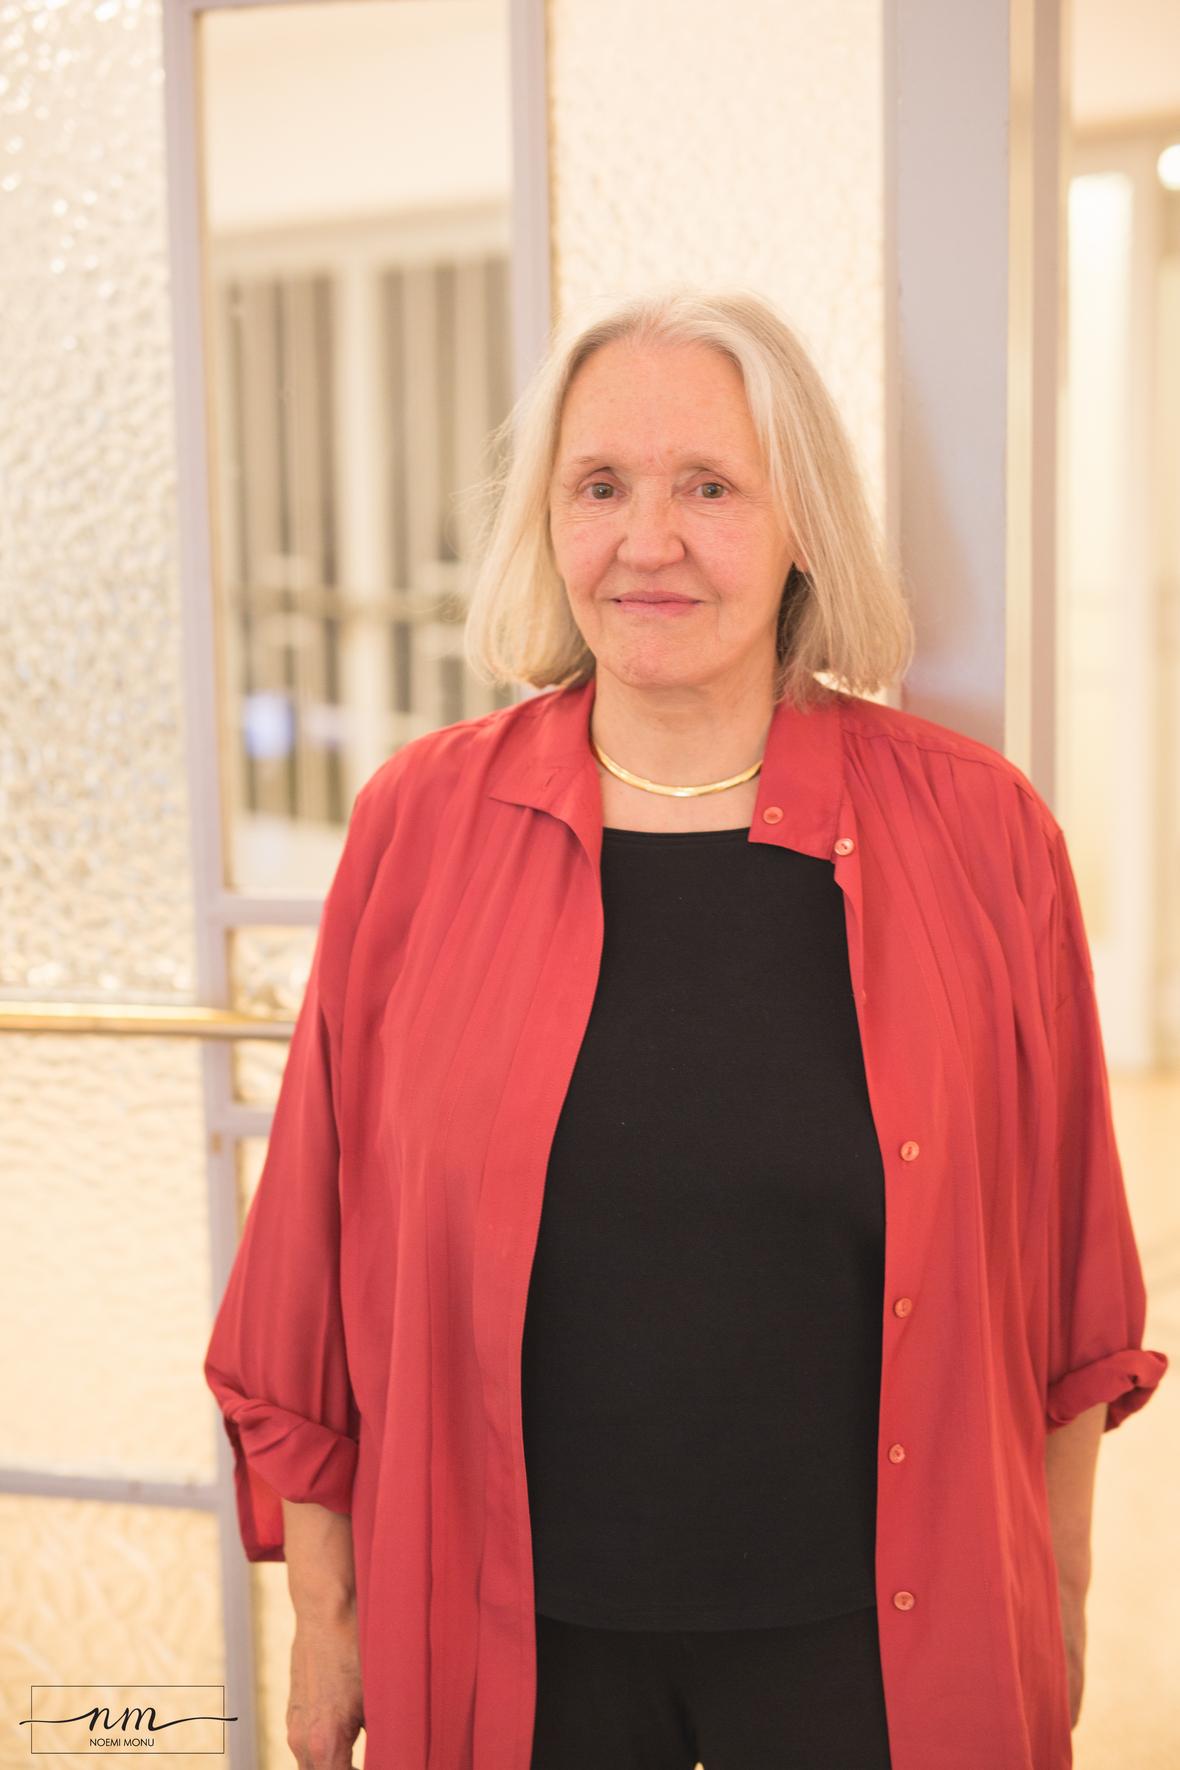 Professor Saskia Sassen